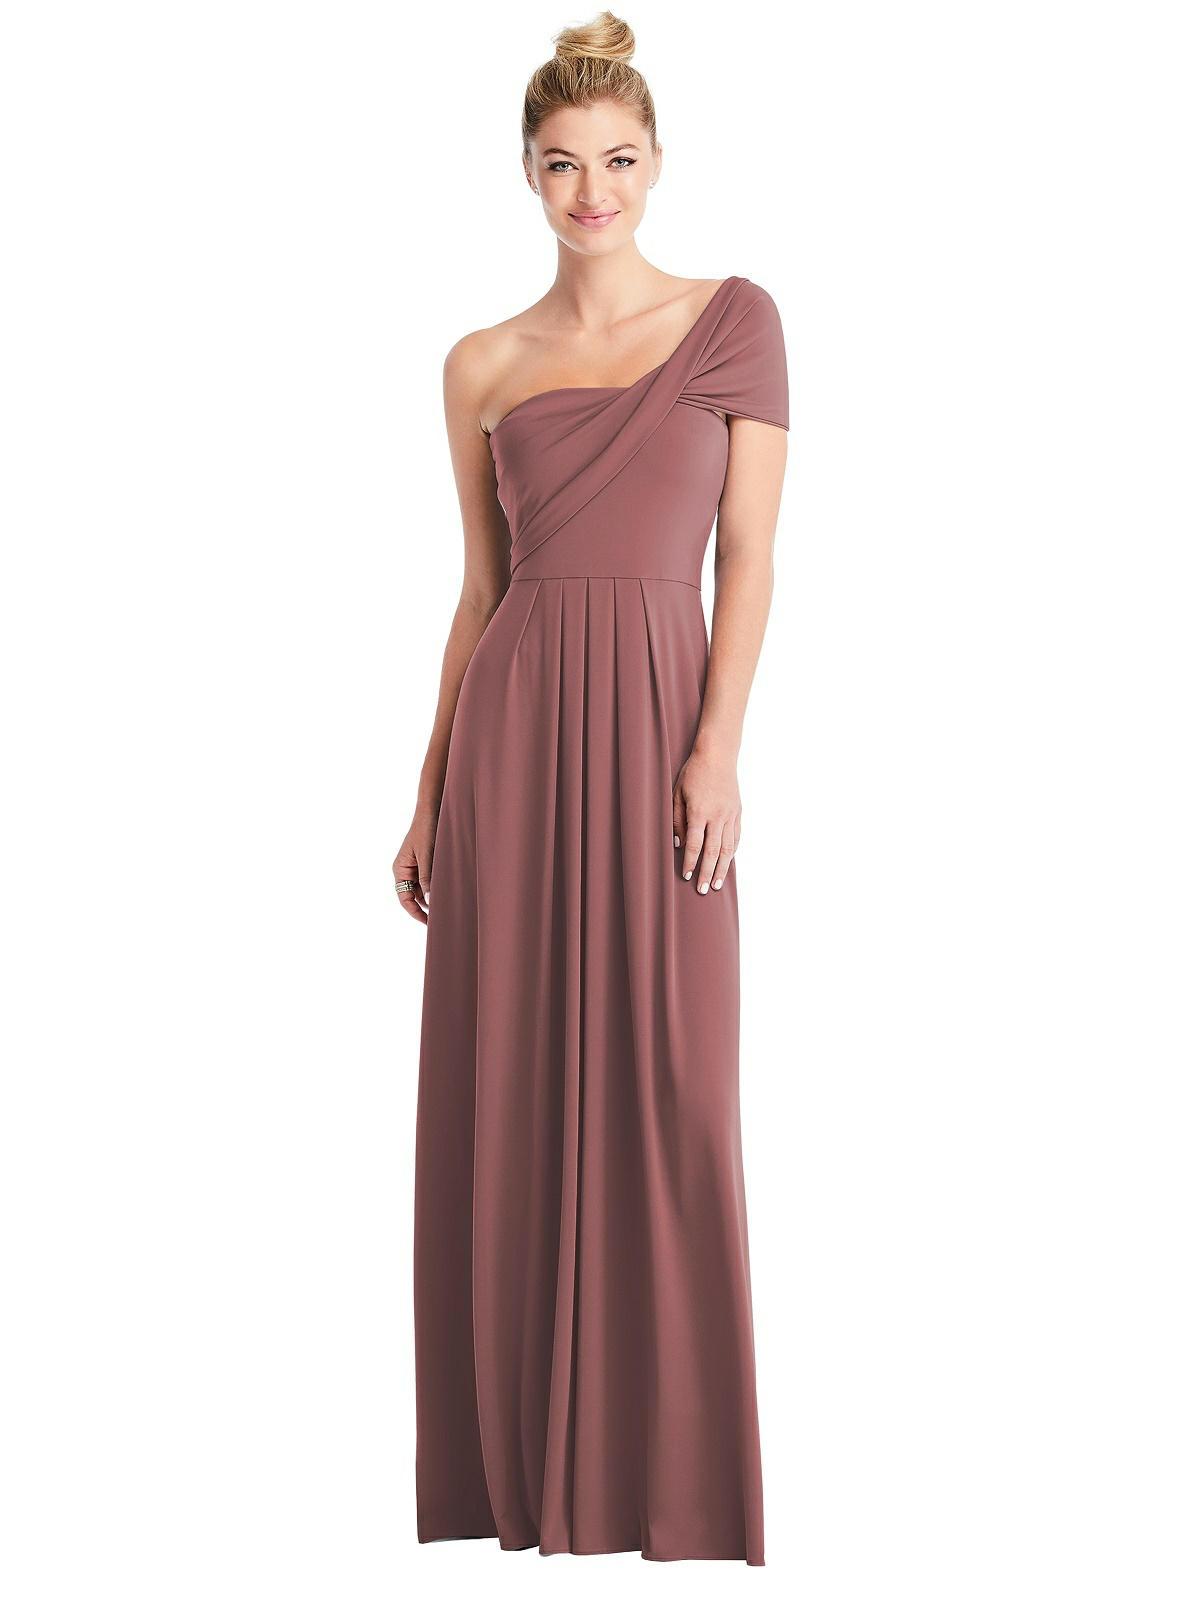 Convertible Loop Bridesmaids Dress by Carlos Saavedra - English Rose